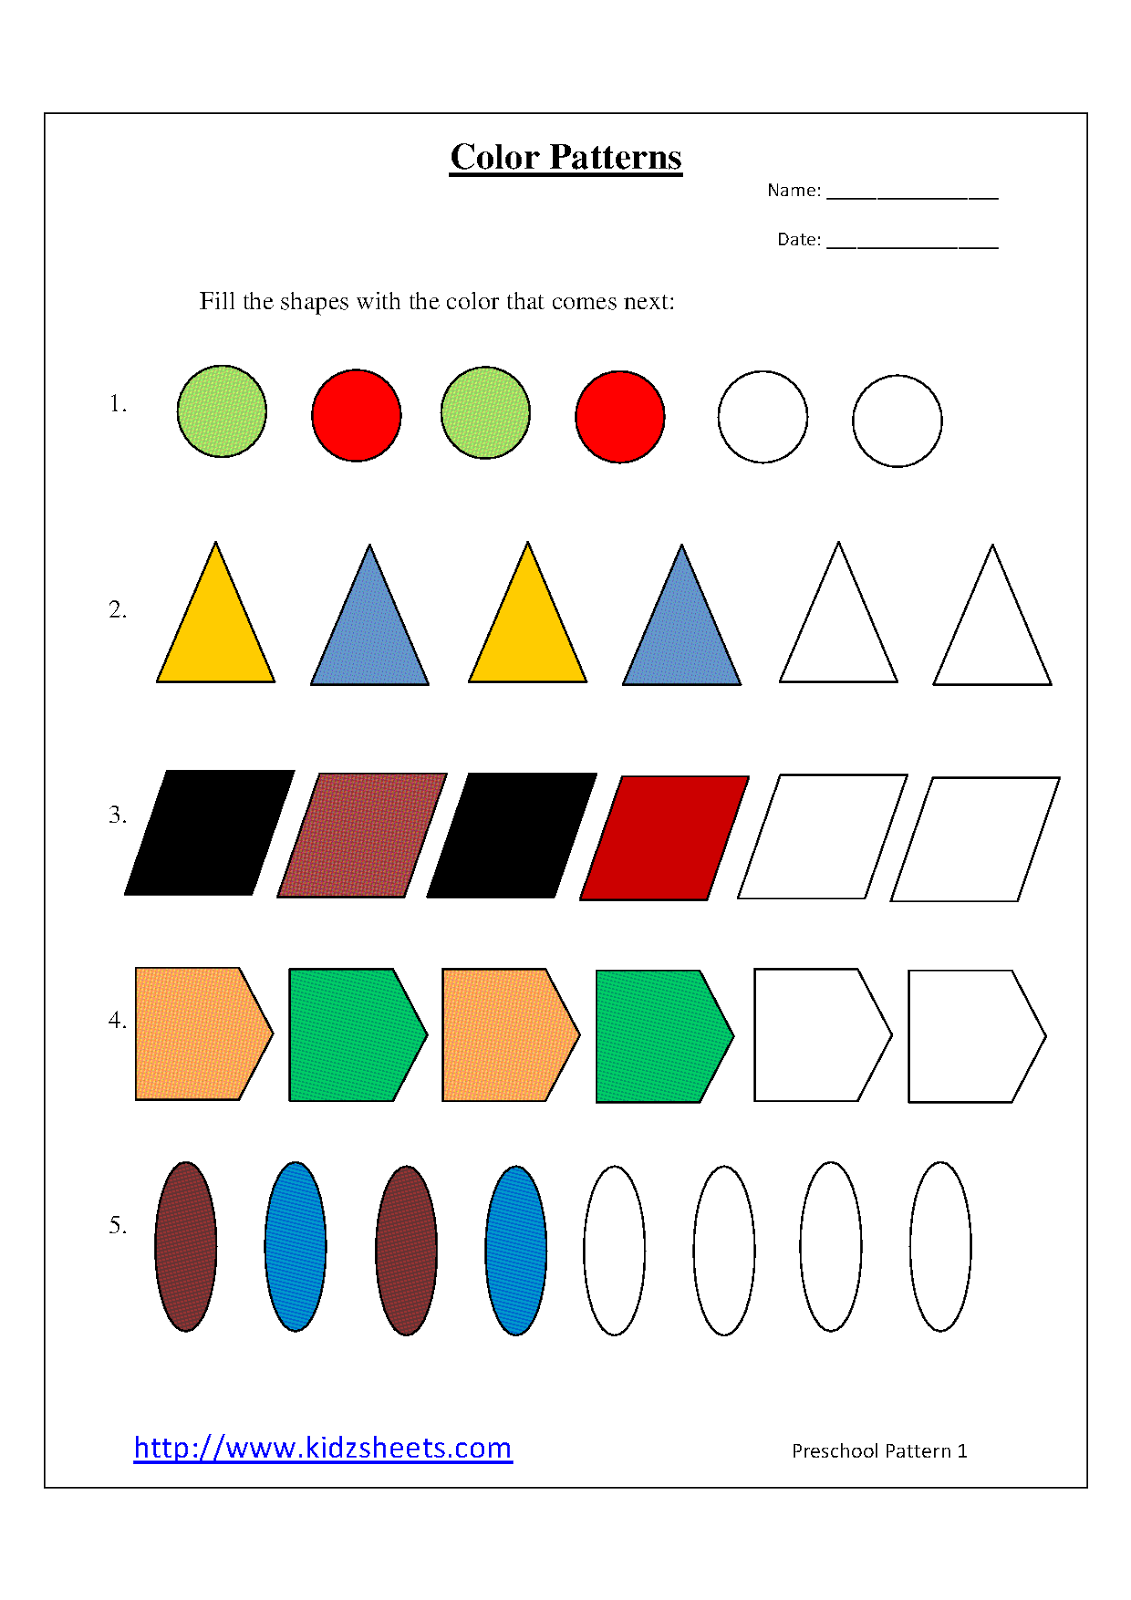 kidz worksheets preschool color patterns worksheet1. Black Bedroom Furniture Sets. Home Design Ideas